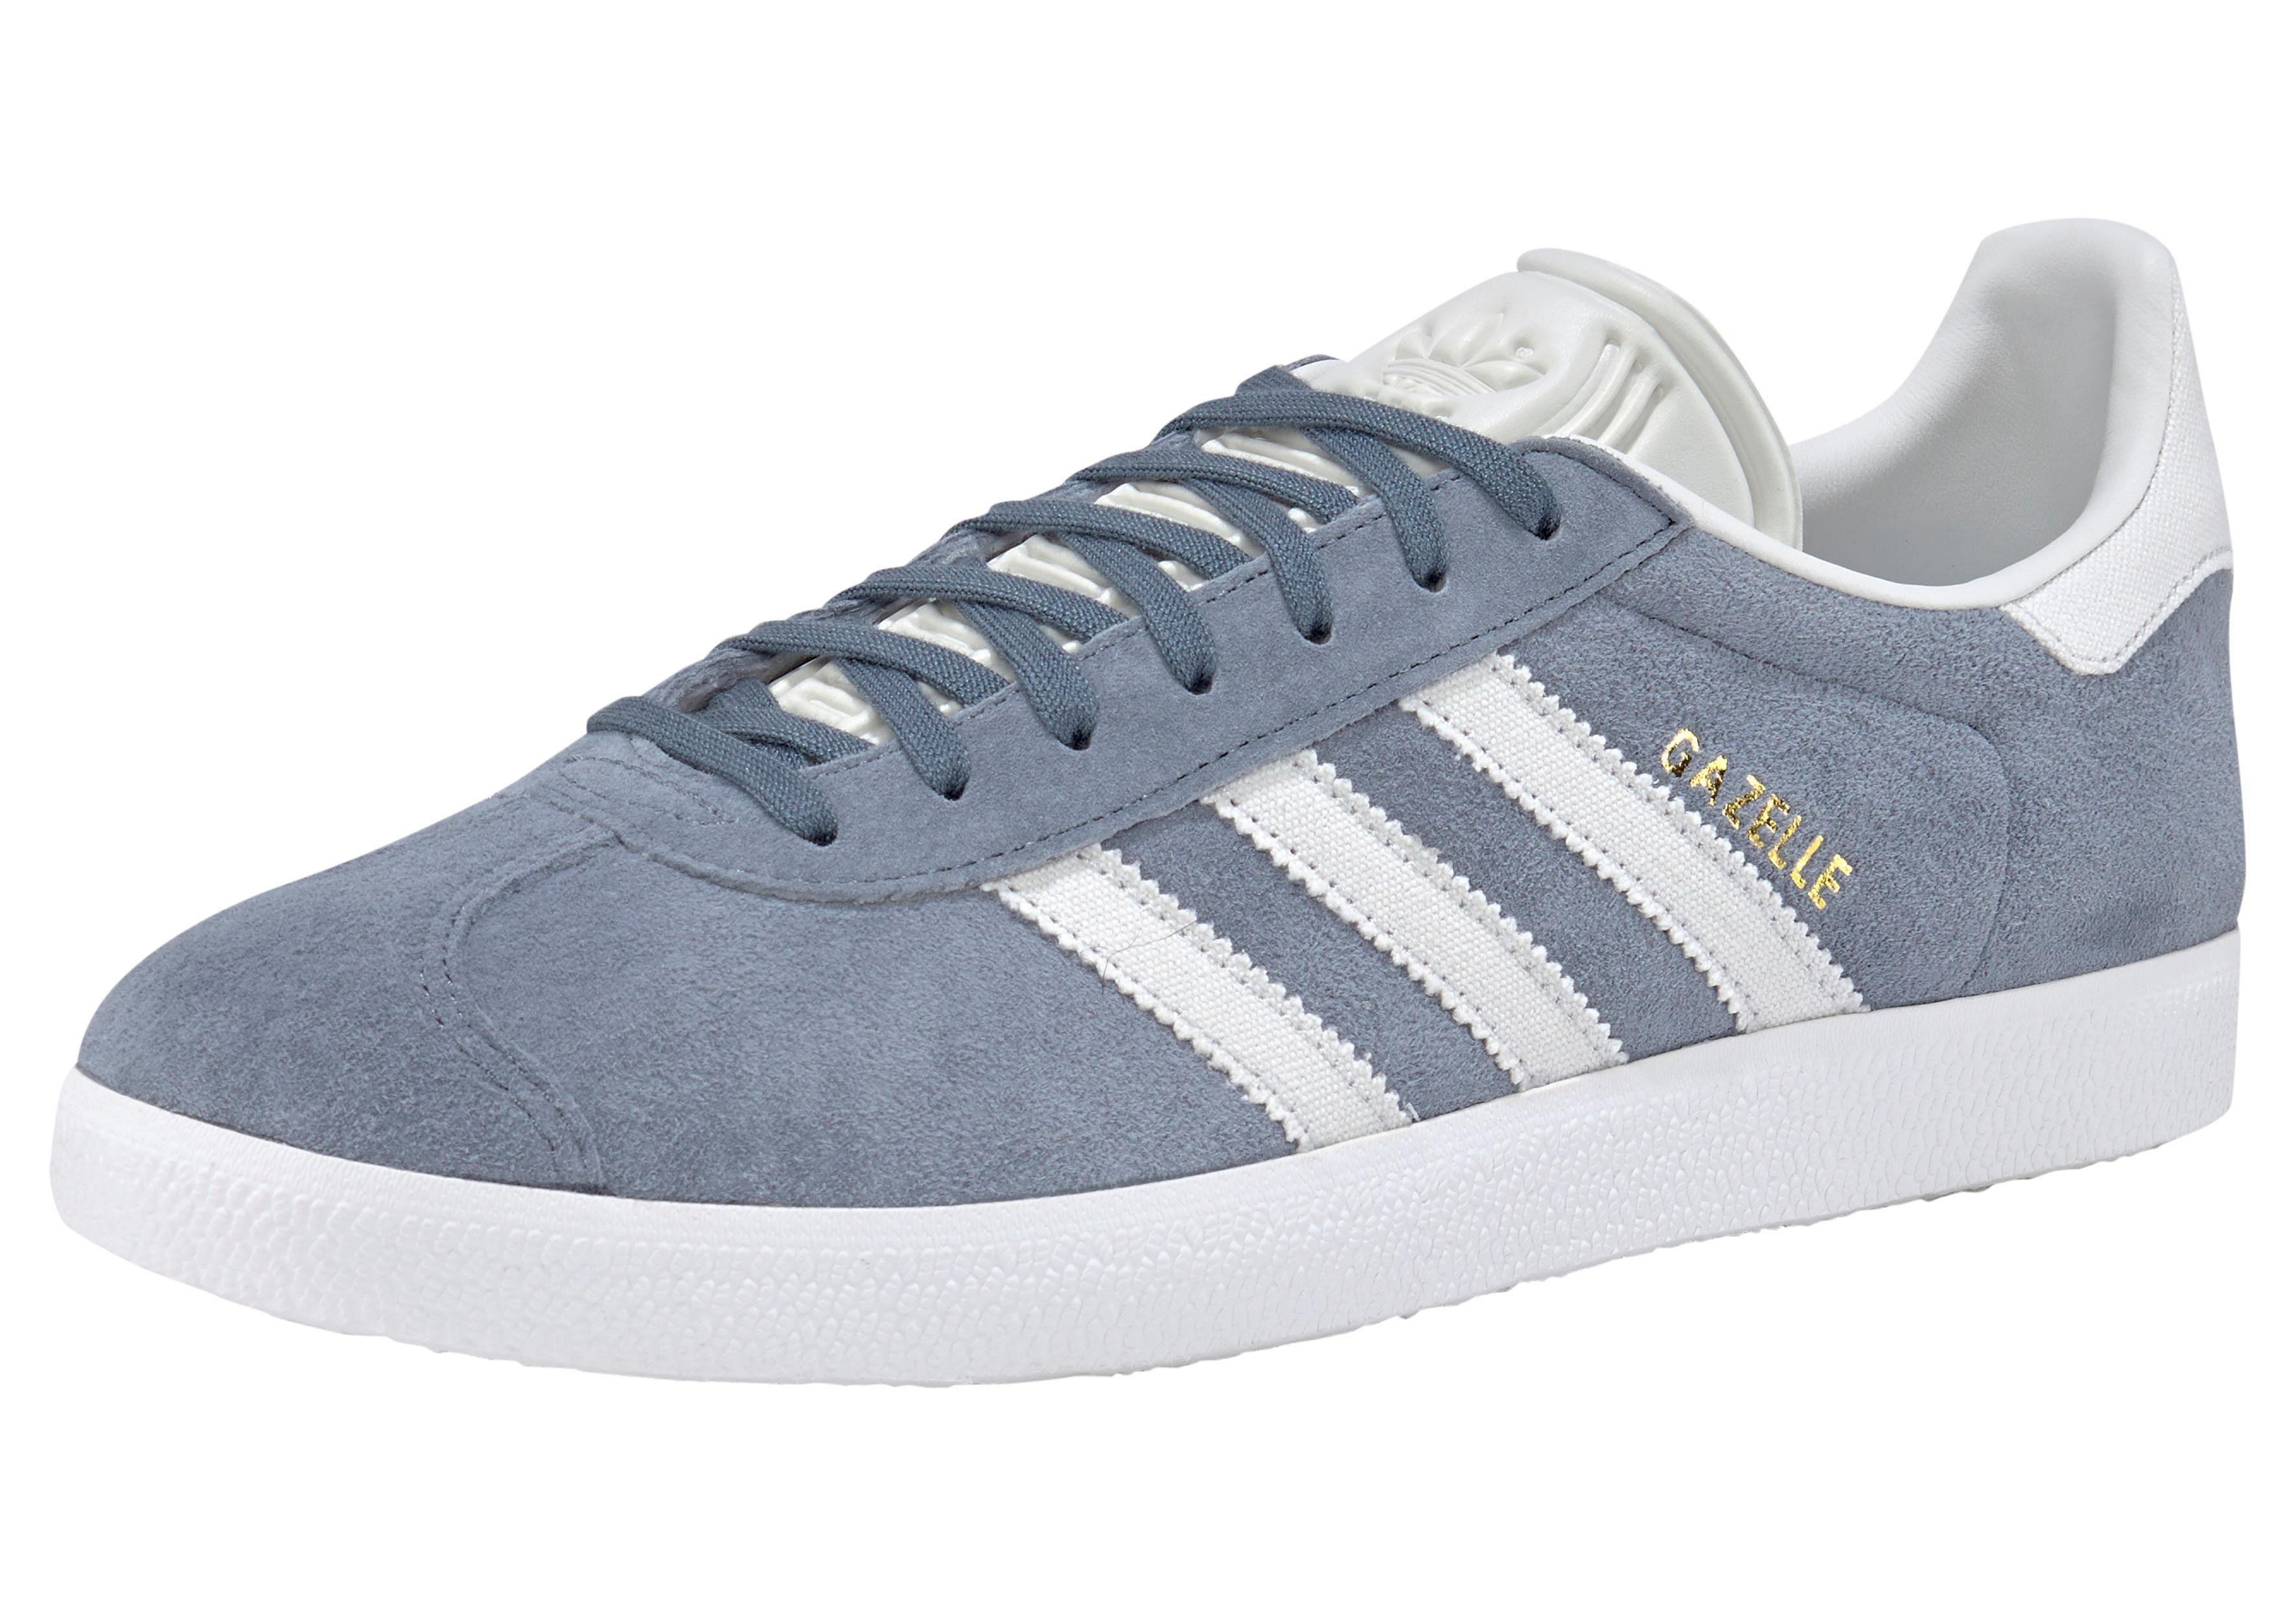 adidas Originals »Gazelle« Sneaker, Weiches Obermaterial aus Veloursleder online kaufen | OTTO